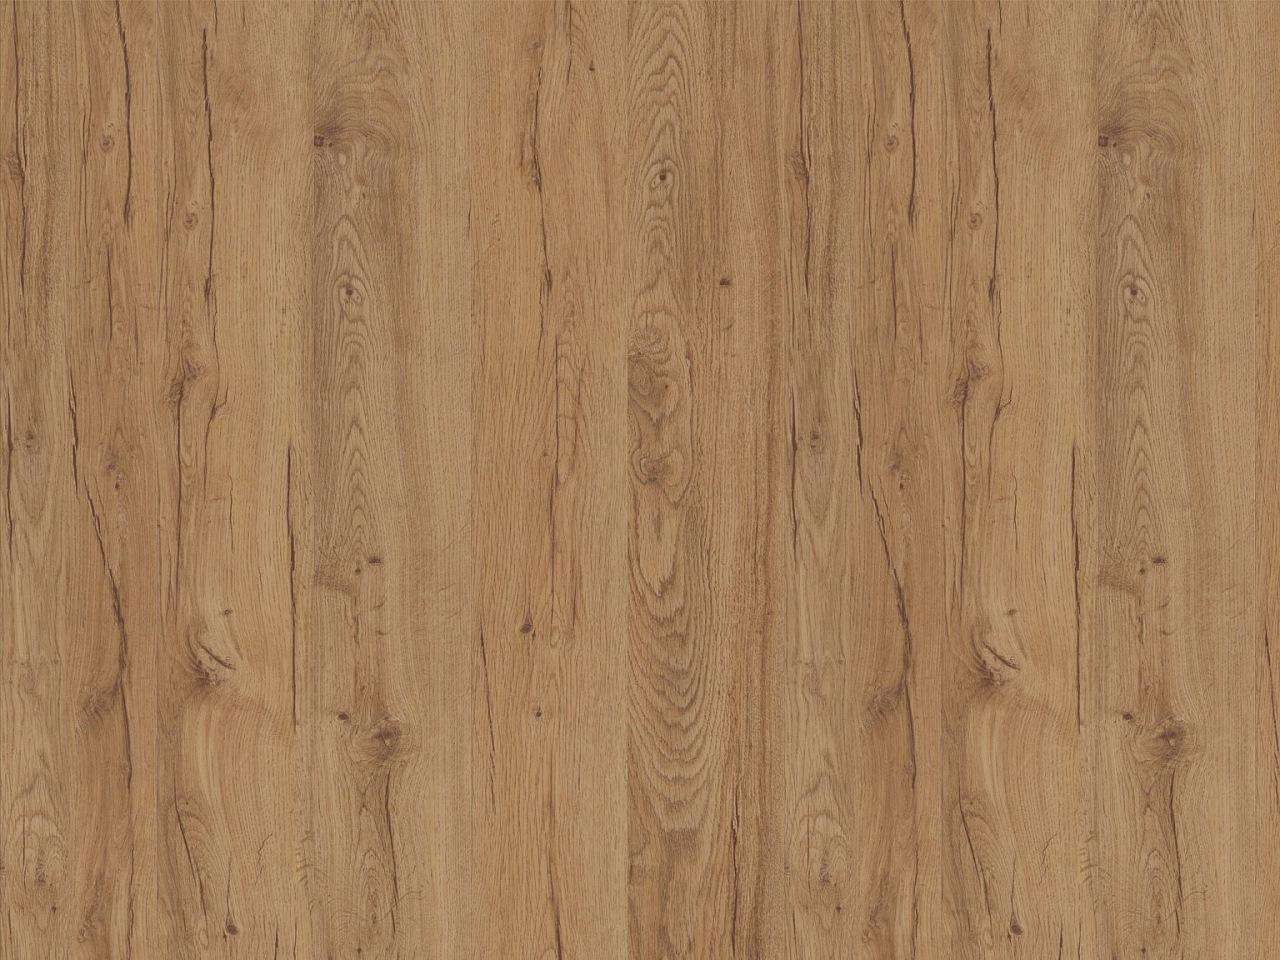 Designbelag Alesso wood – Eiche Tremelo, 324007